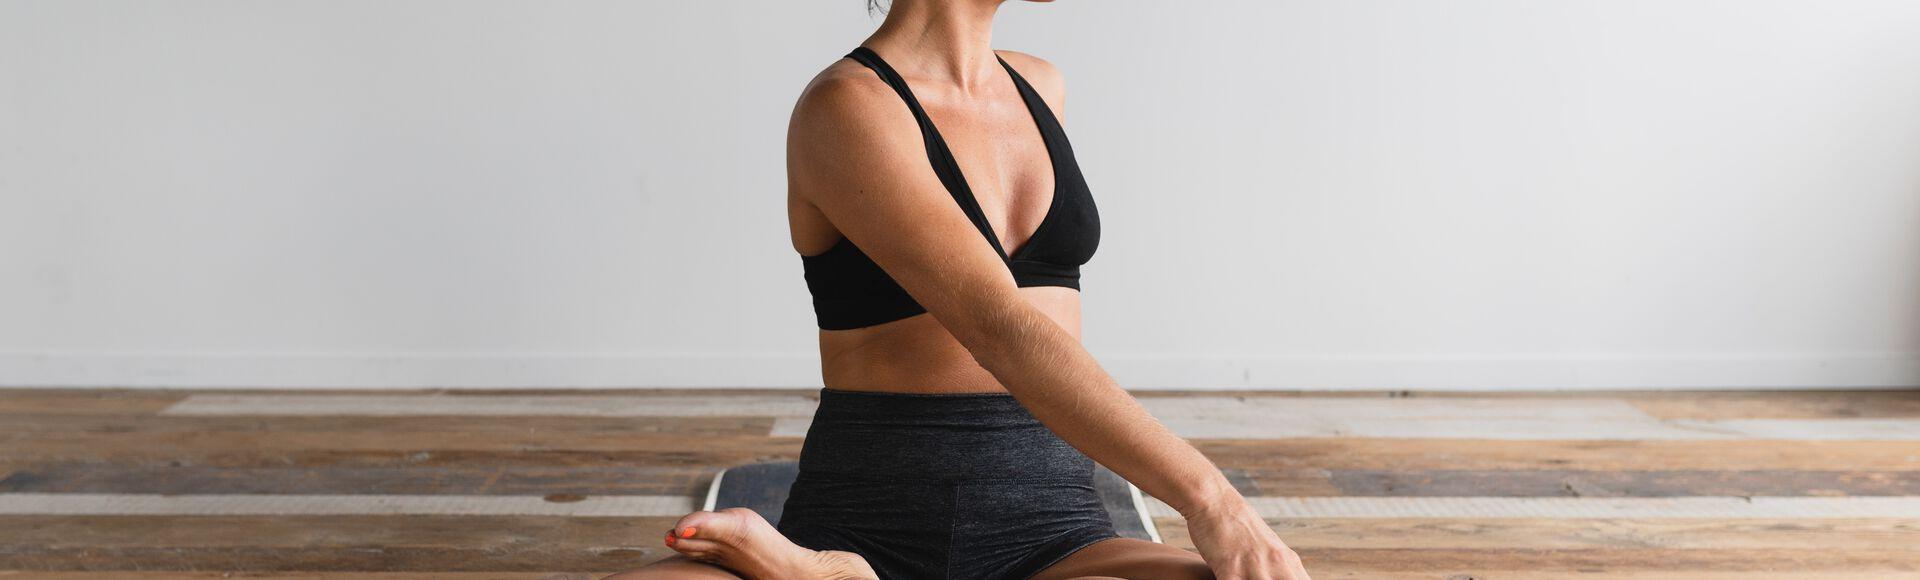 Mulher praticando exercícios